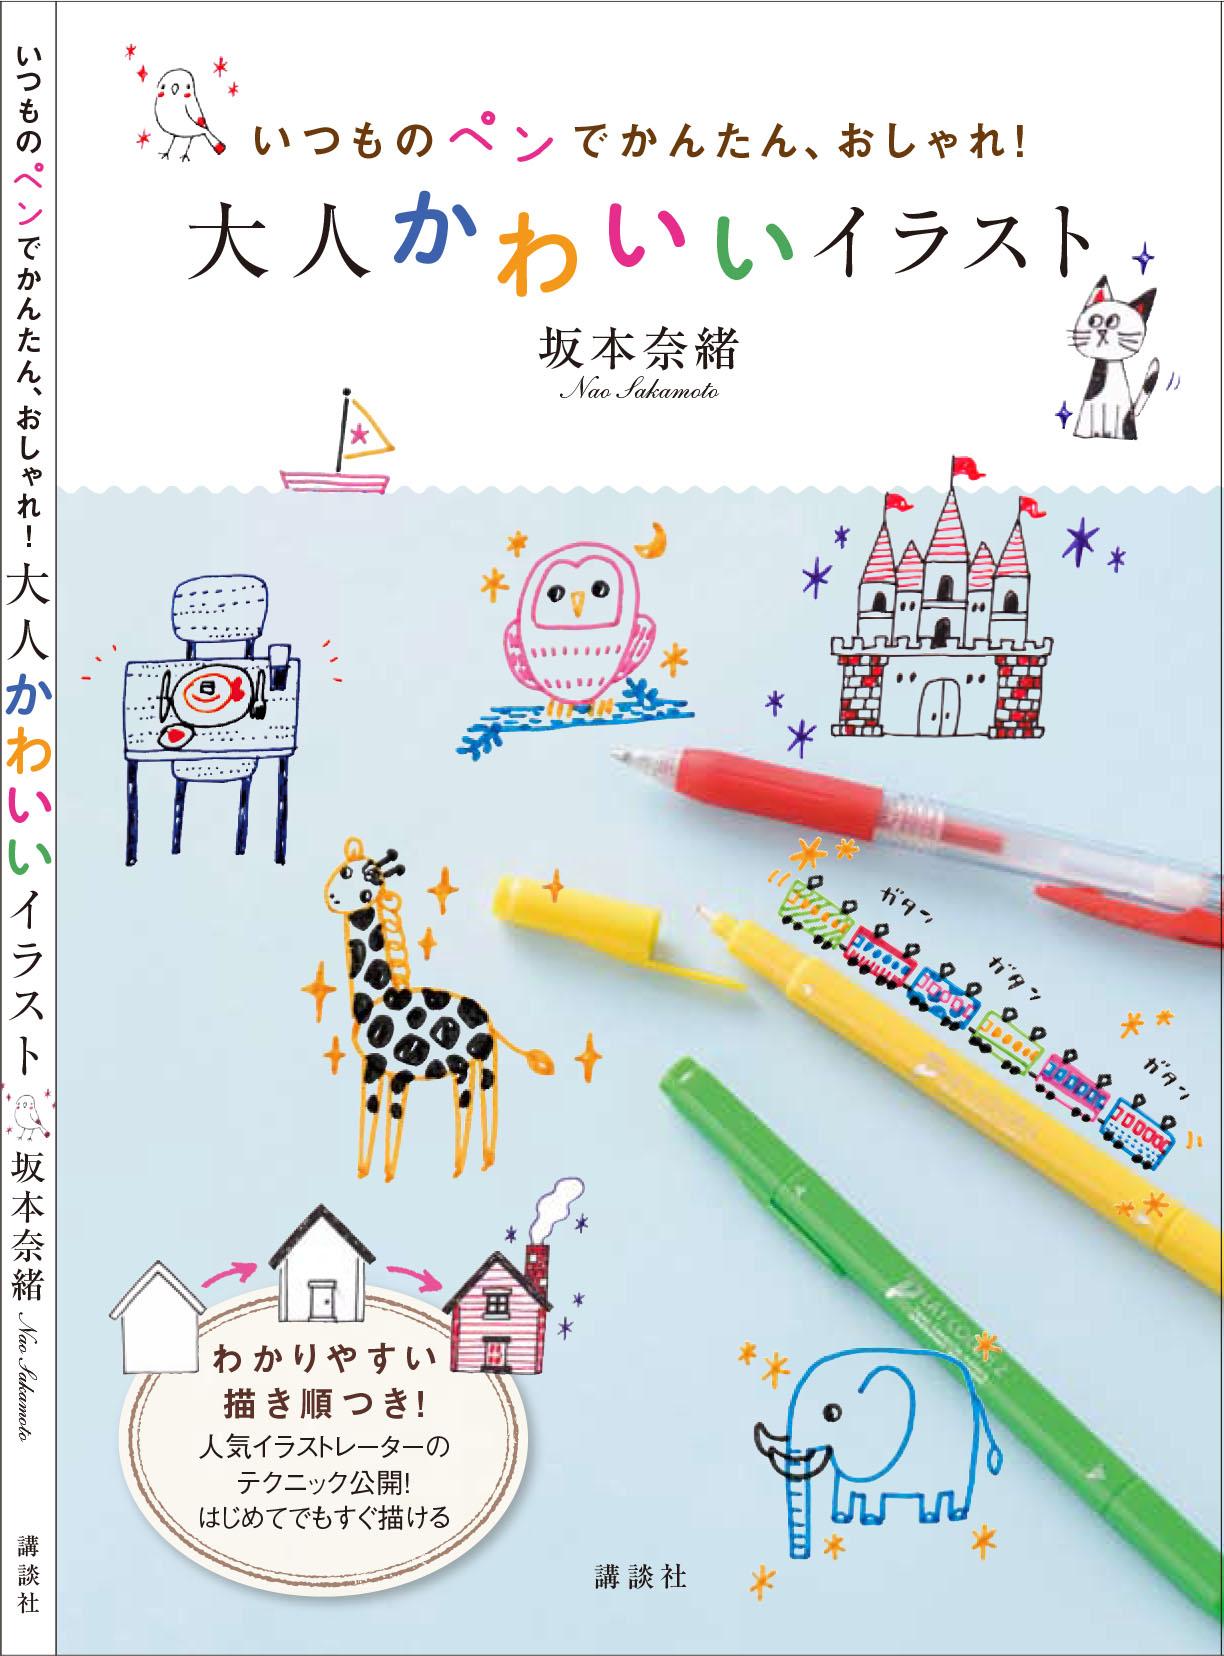 いつものペンでかんたん、おしゃれ! 大人かわいいイラスト | naosakamoto